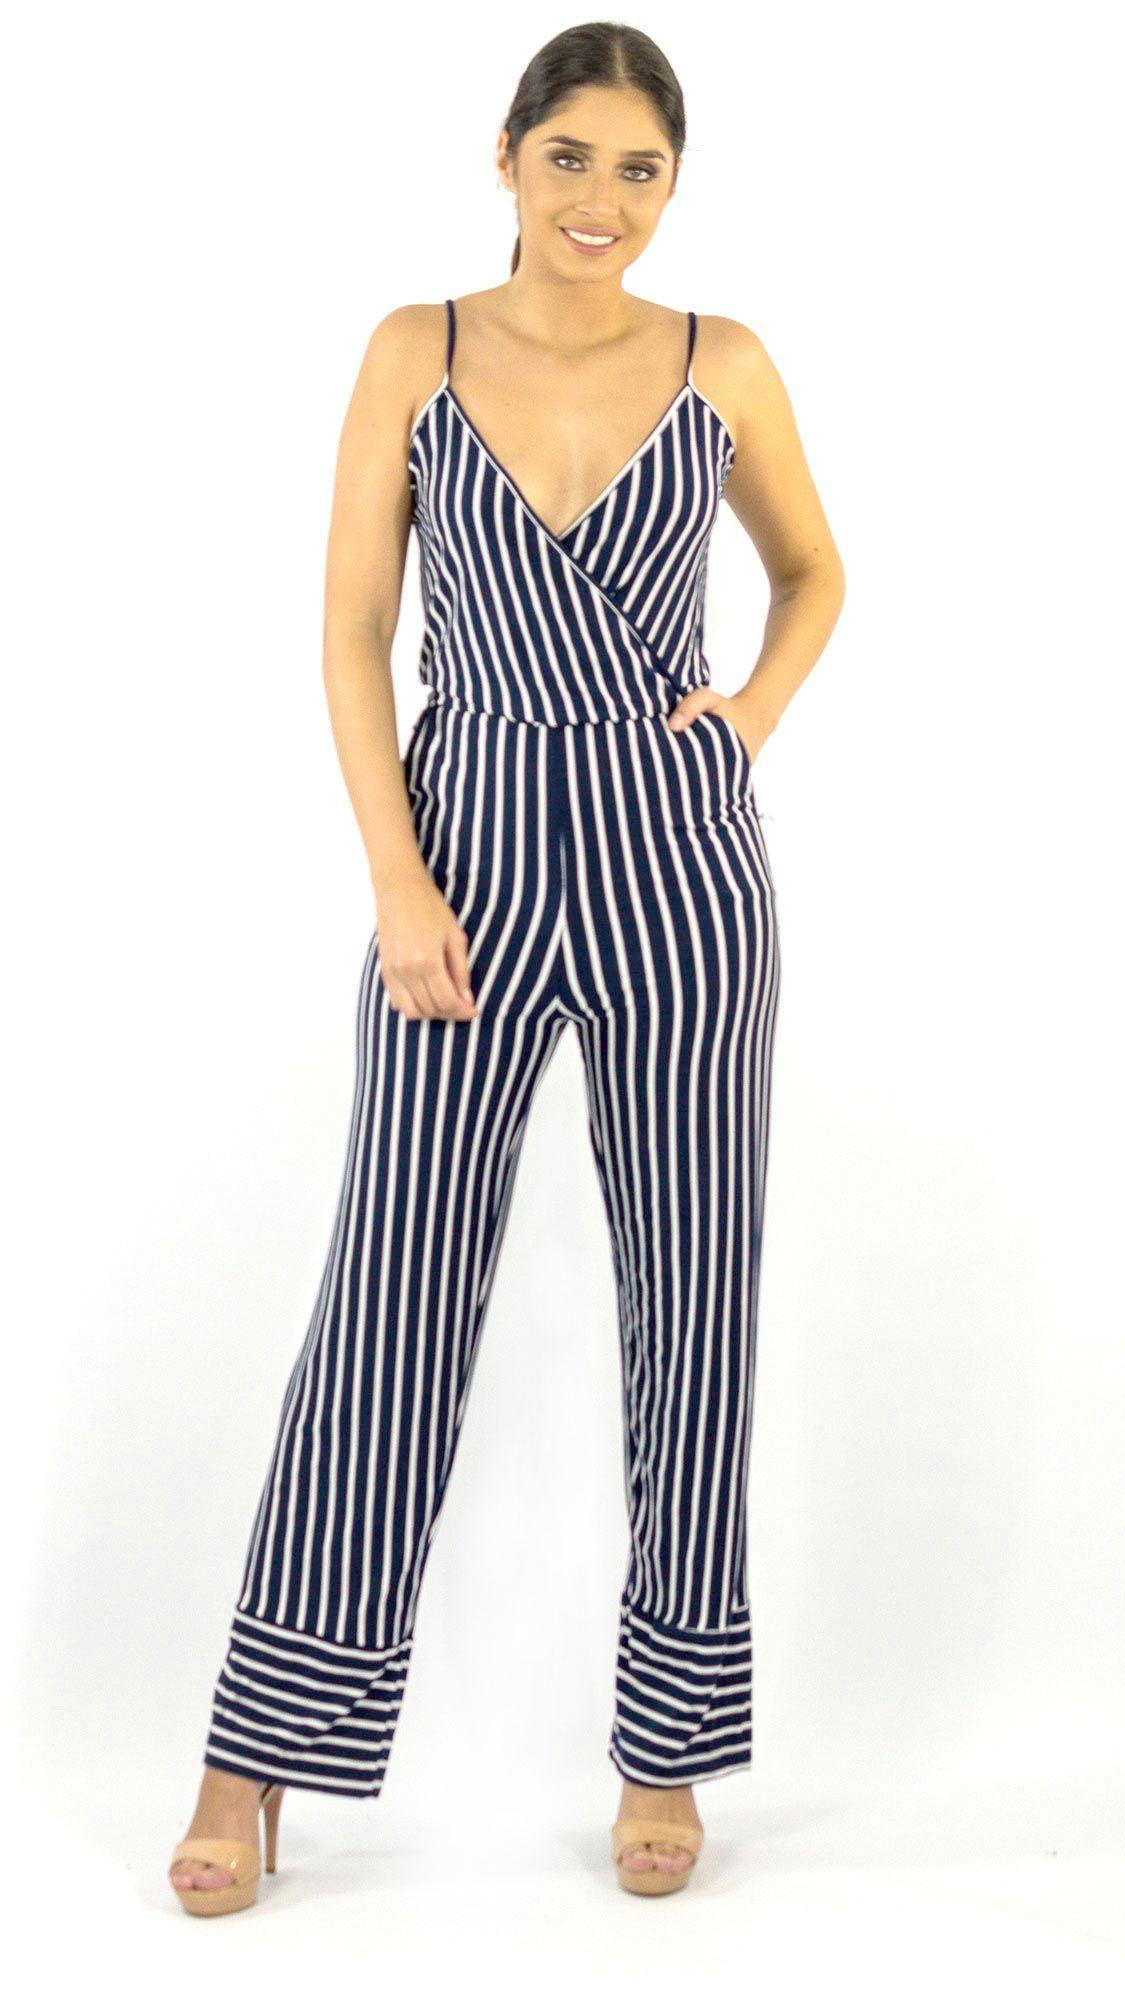 e51be652b NotoriaStore: Moda Feminina Florianópolis - Online Macacao decote ...